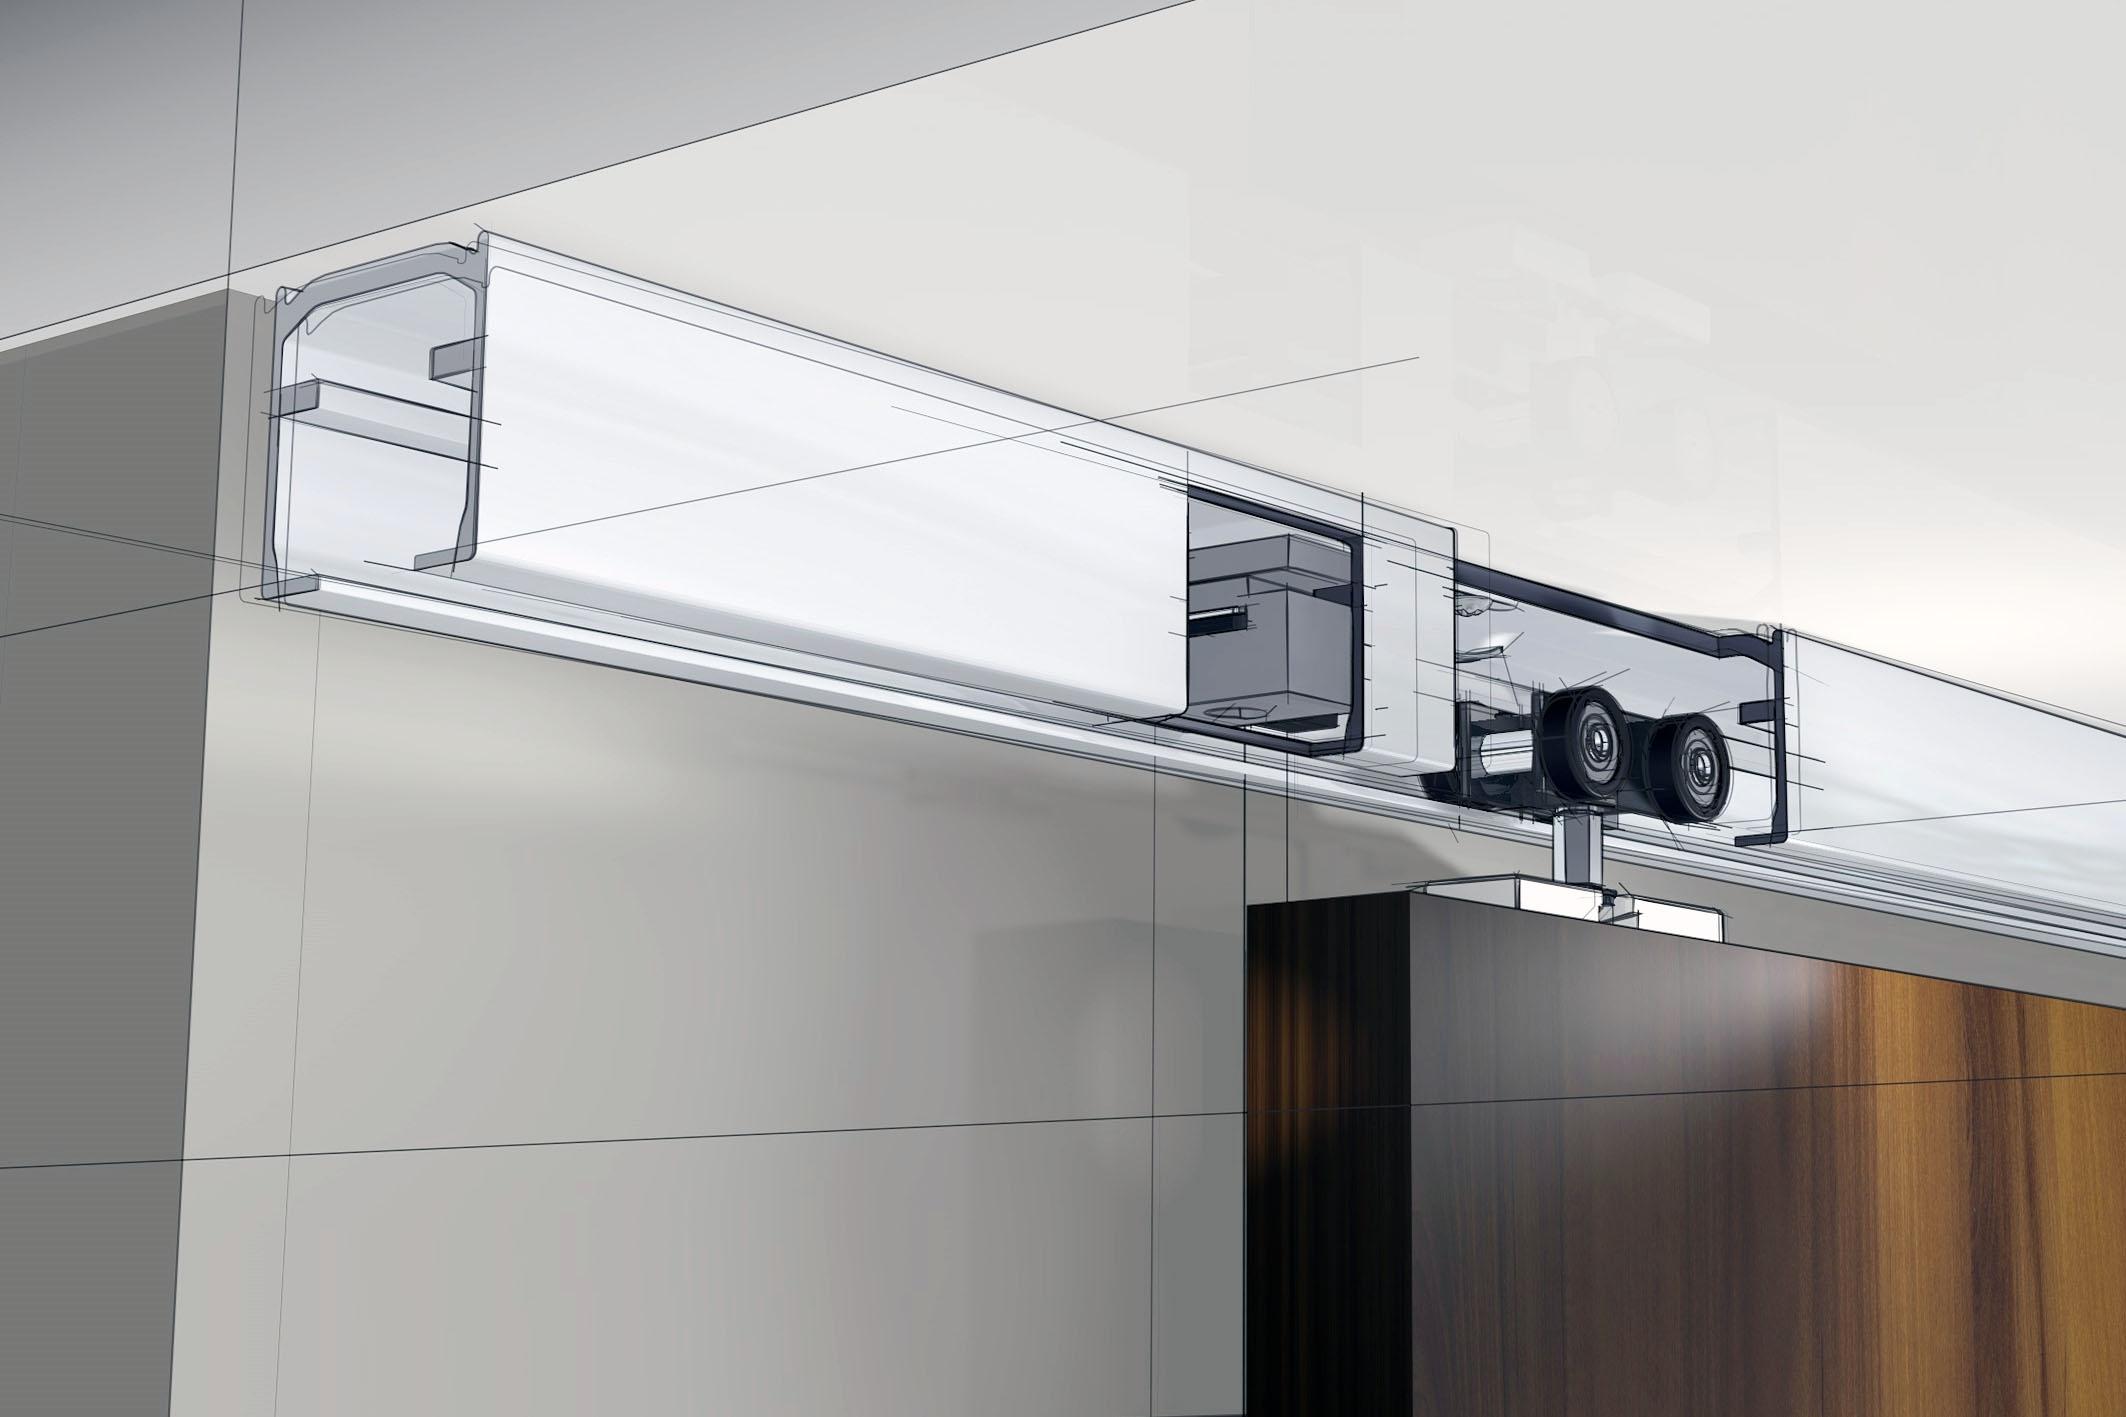 Top Line Grant Sliding Door Hardware2126 X 1417